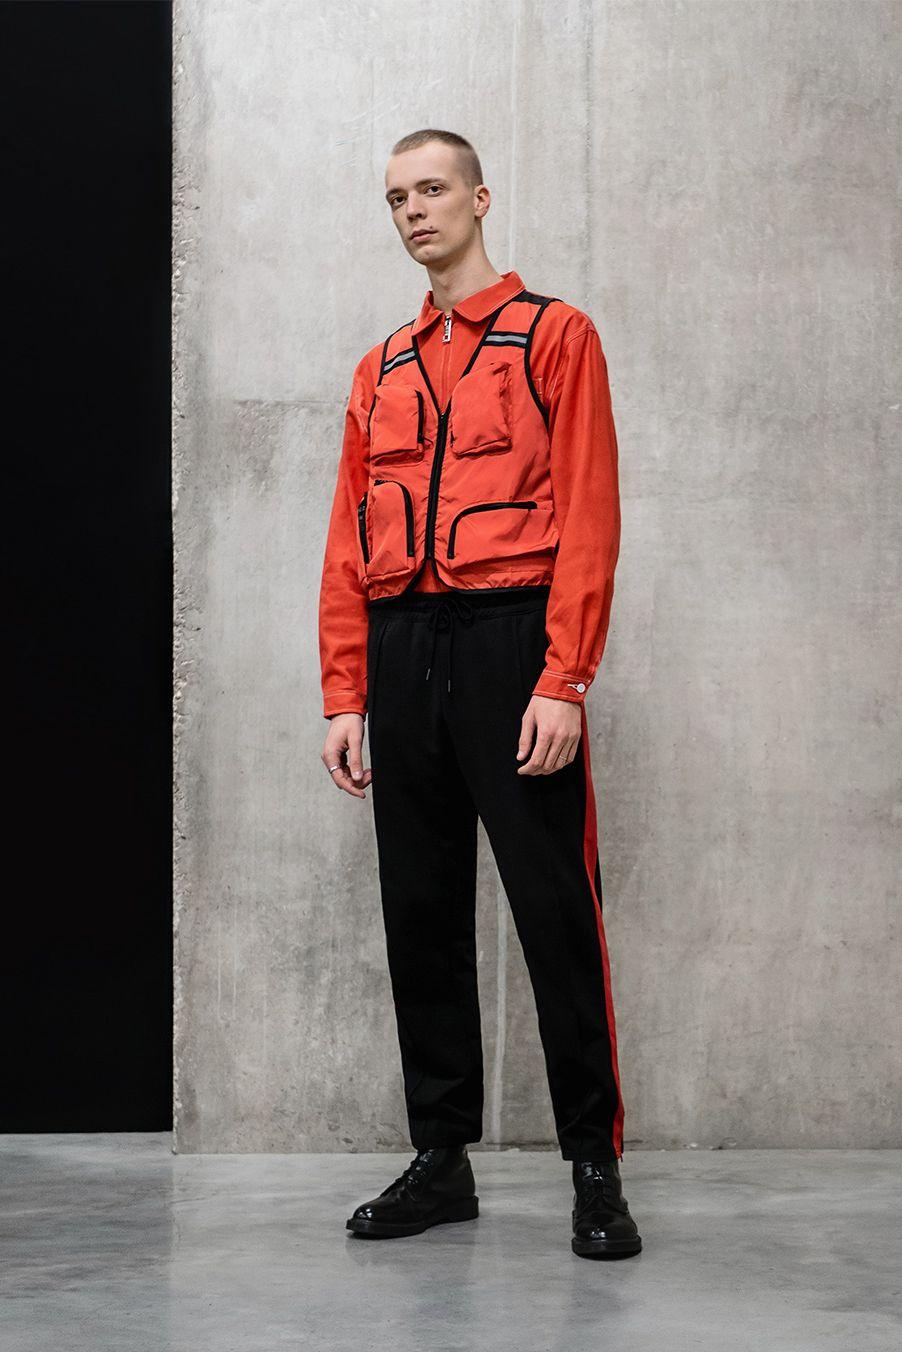 Image result for utility vest streetwear 2019